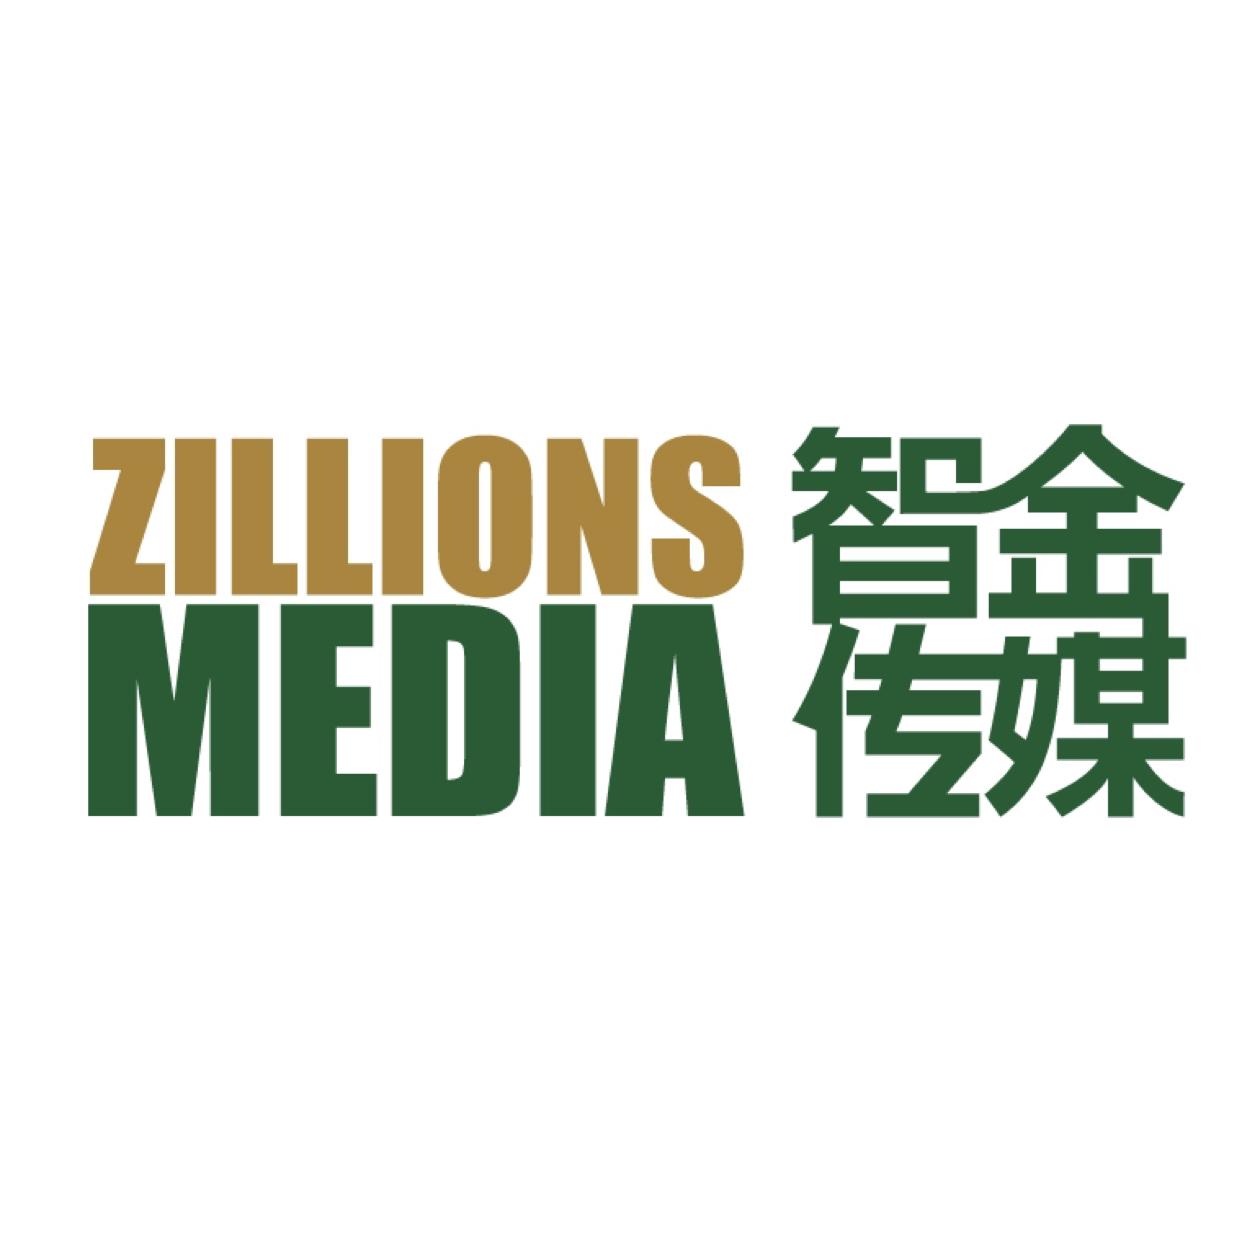 北京智金通慧广告传媒有限公司